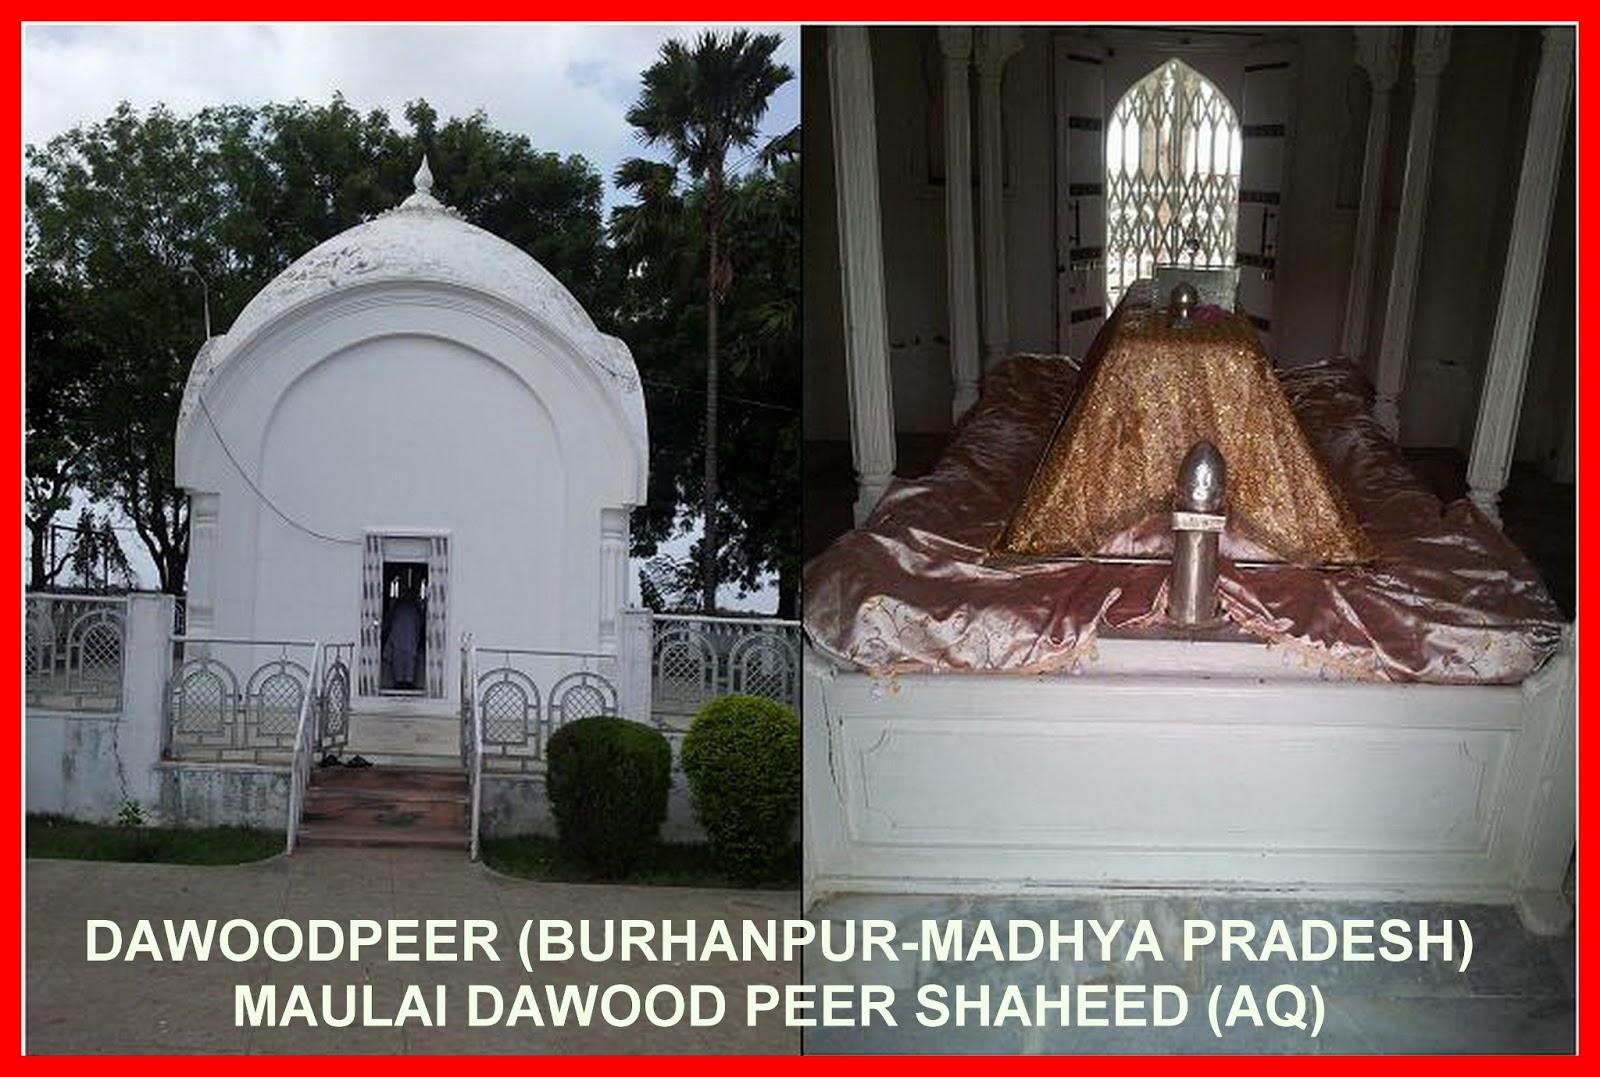 Dawoodpeer Saheed Ziyarat-madhya Pradesh